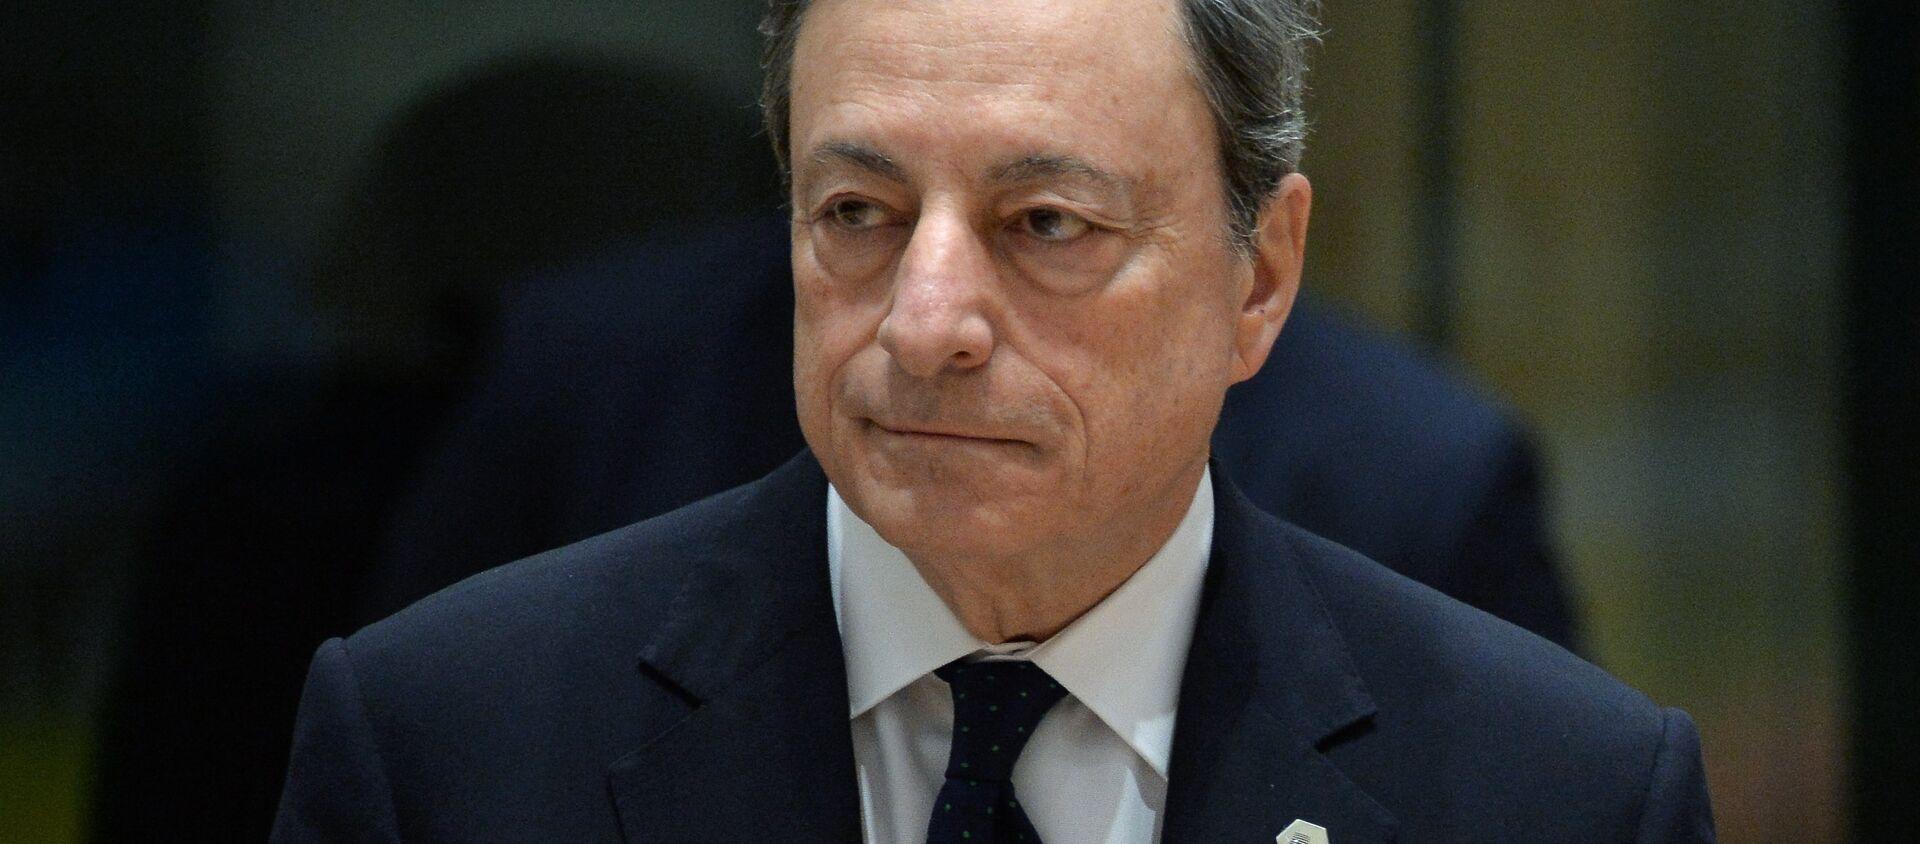 Presidente della Bce Mario Draghi - Sputnik Italia, 1920, 08.02.2021